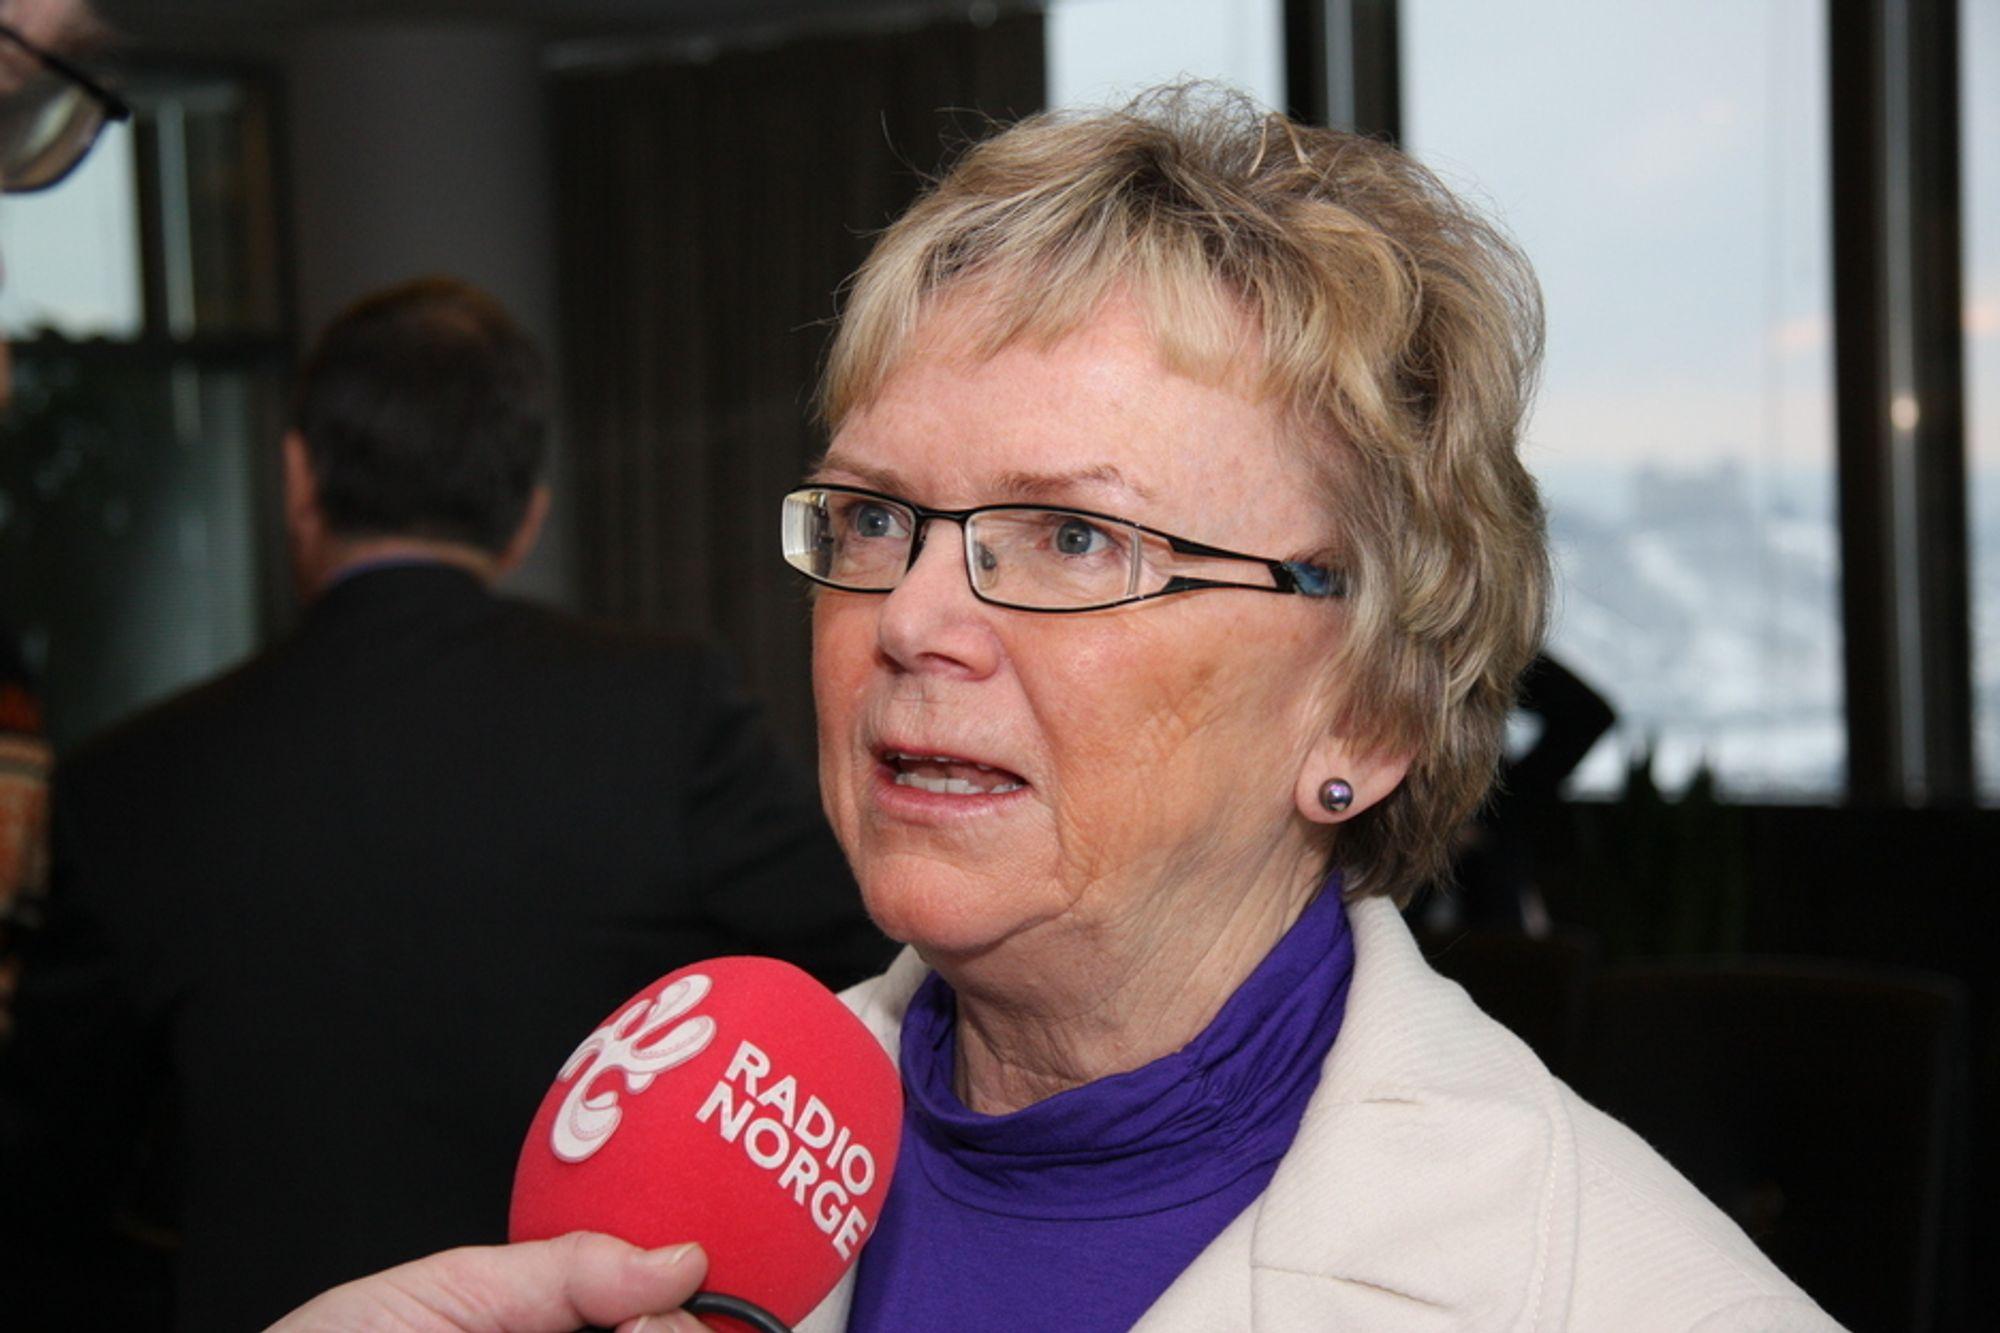 Samferdselsminister Magnhild Meltveit Kleppa søker om å overføre noe av fjorårets ubrukte samferdselsmidler til 2011-budsjettet.